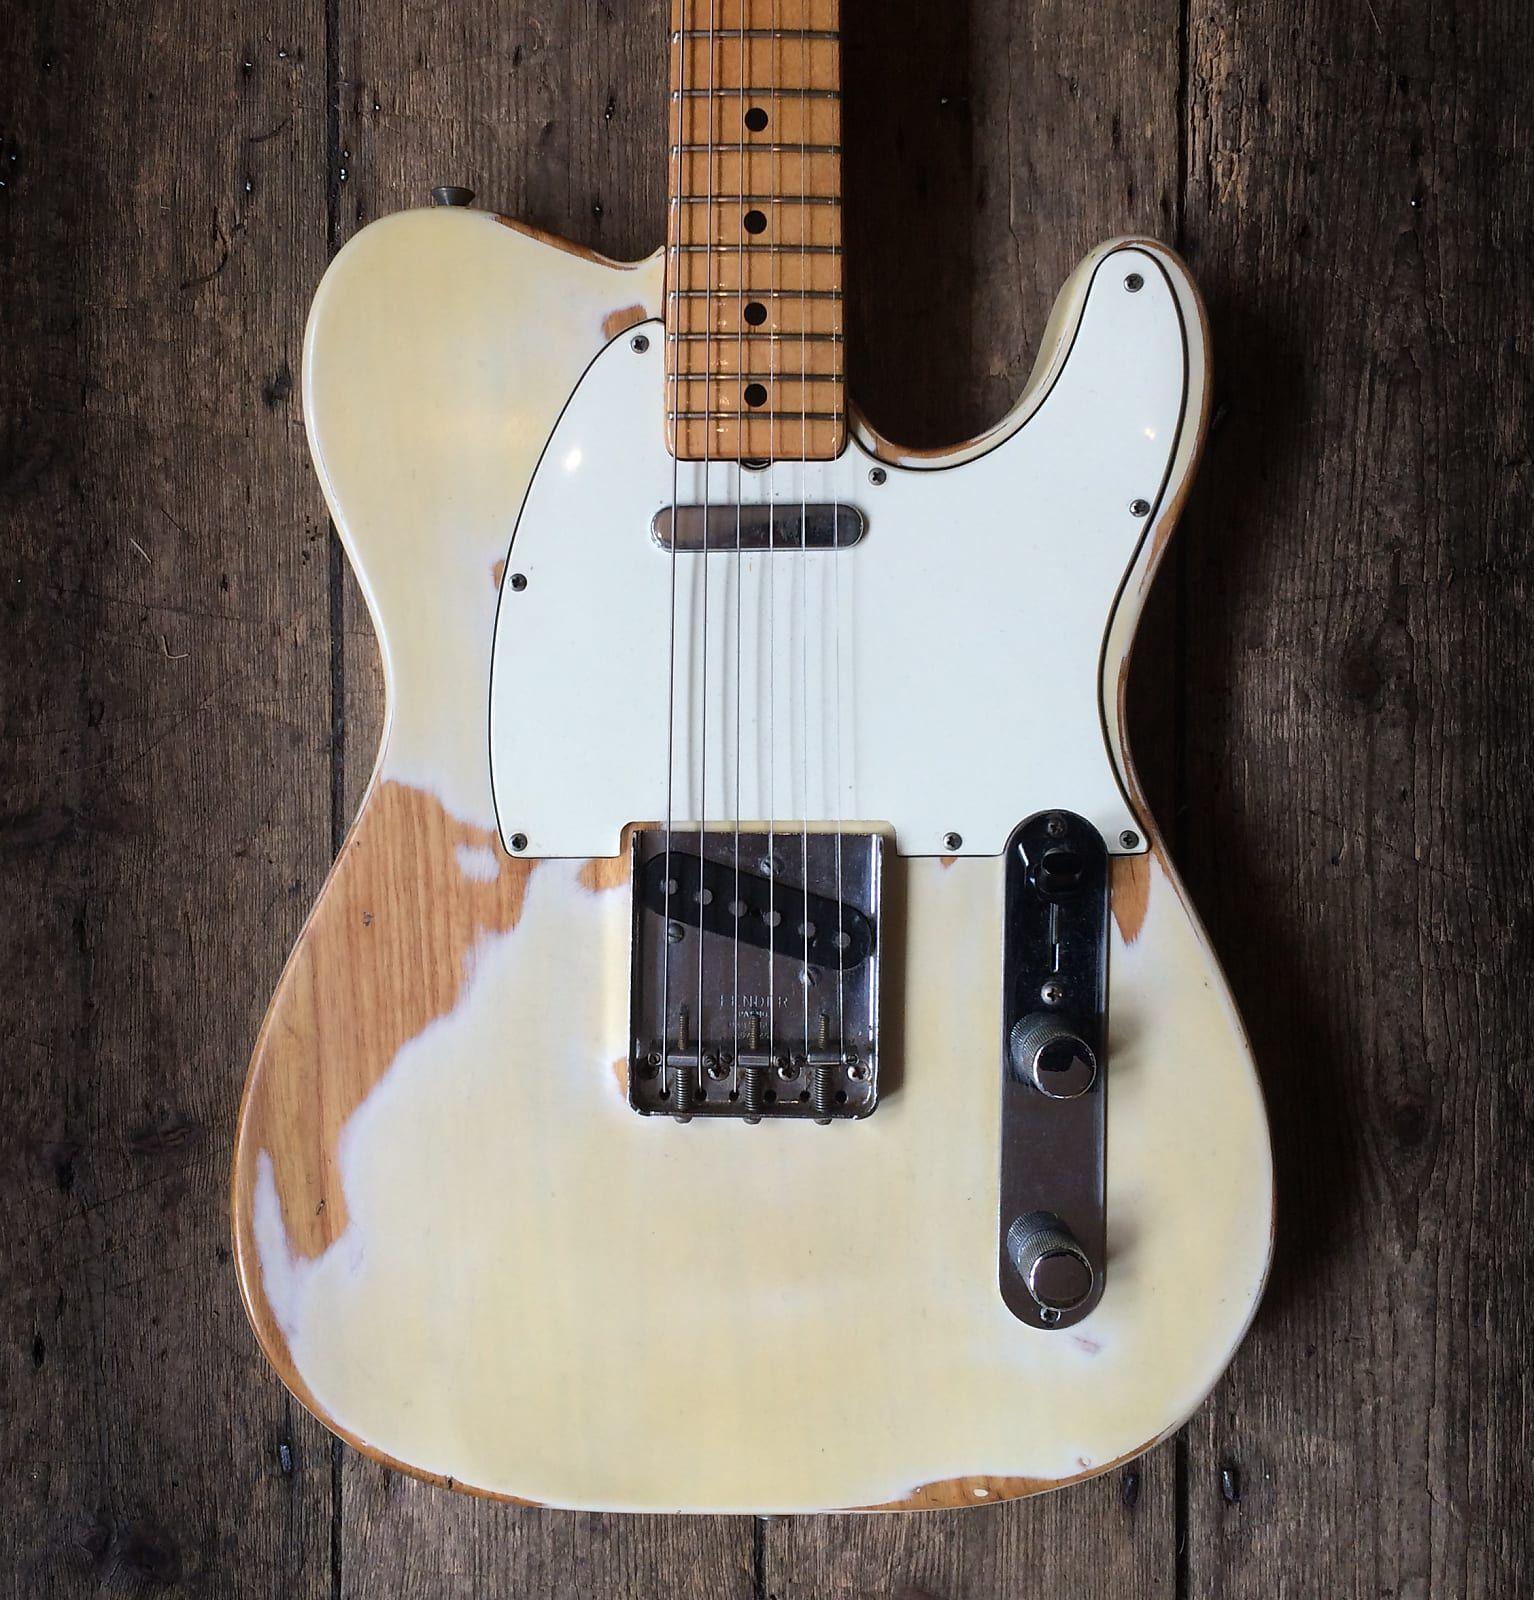 Fender Telecaster 1967 1969 Reverb Telecaster Fender Telecaster Fender